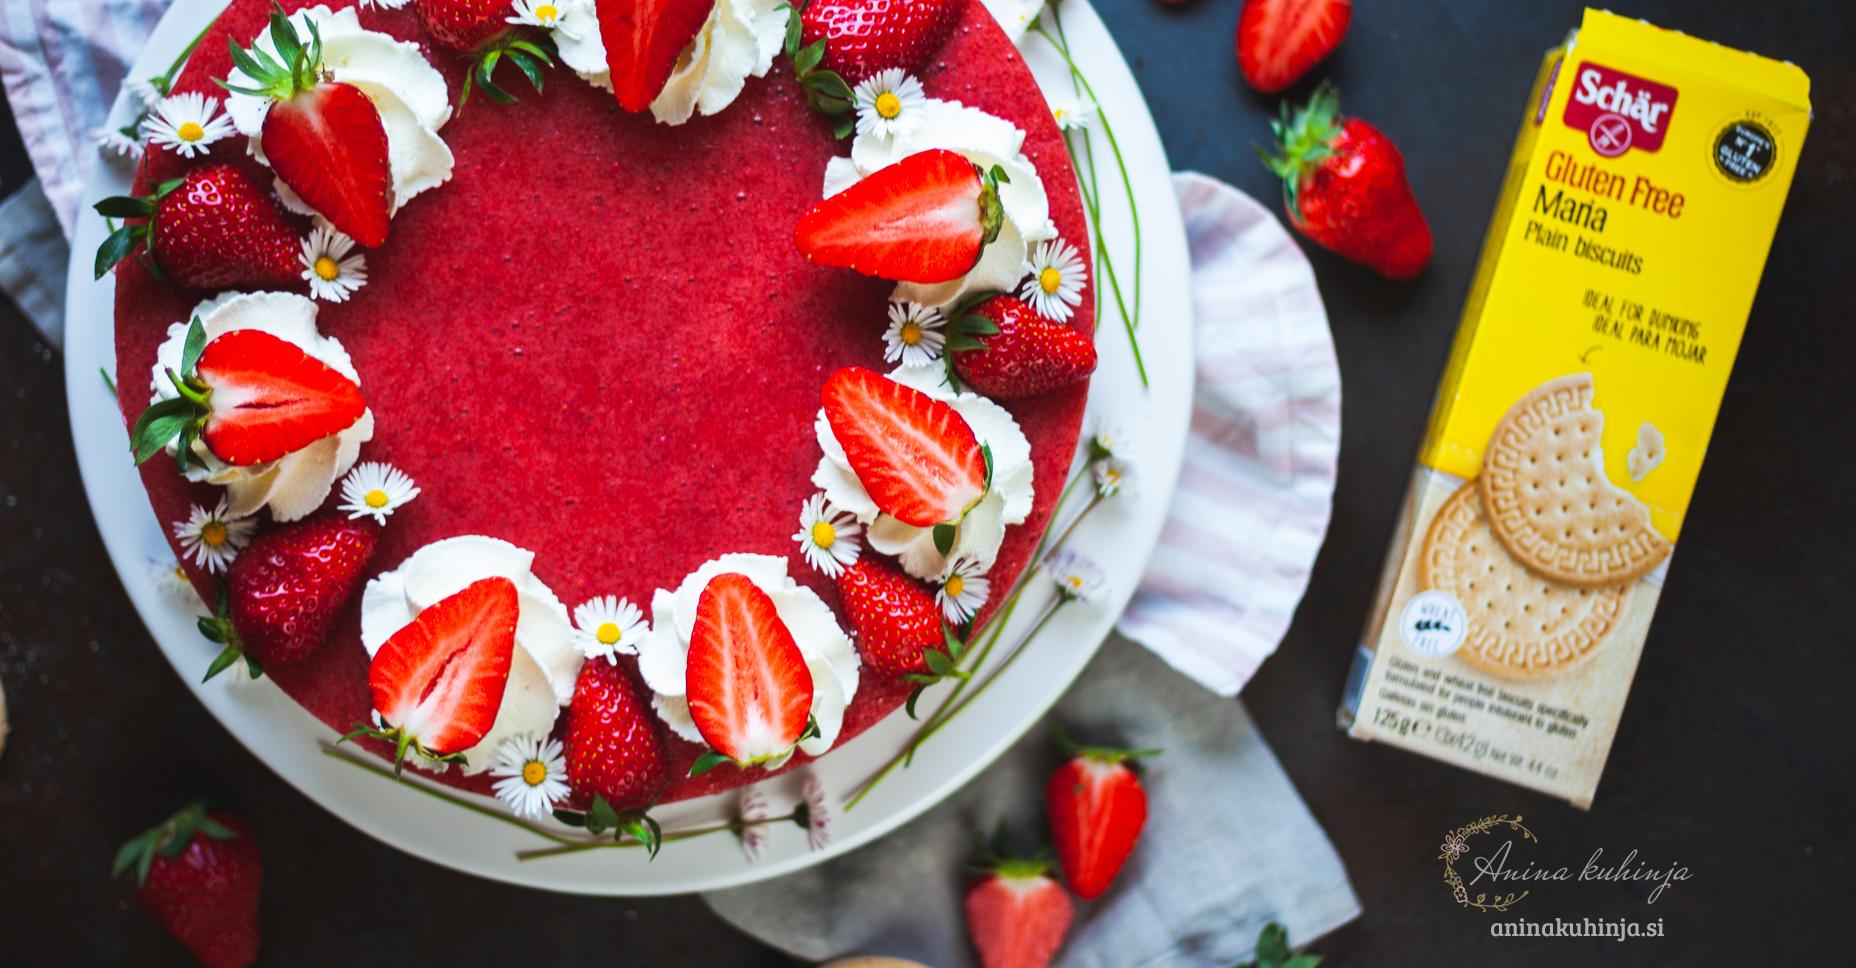 jagodna jogurtova torta